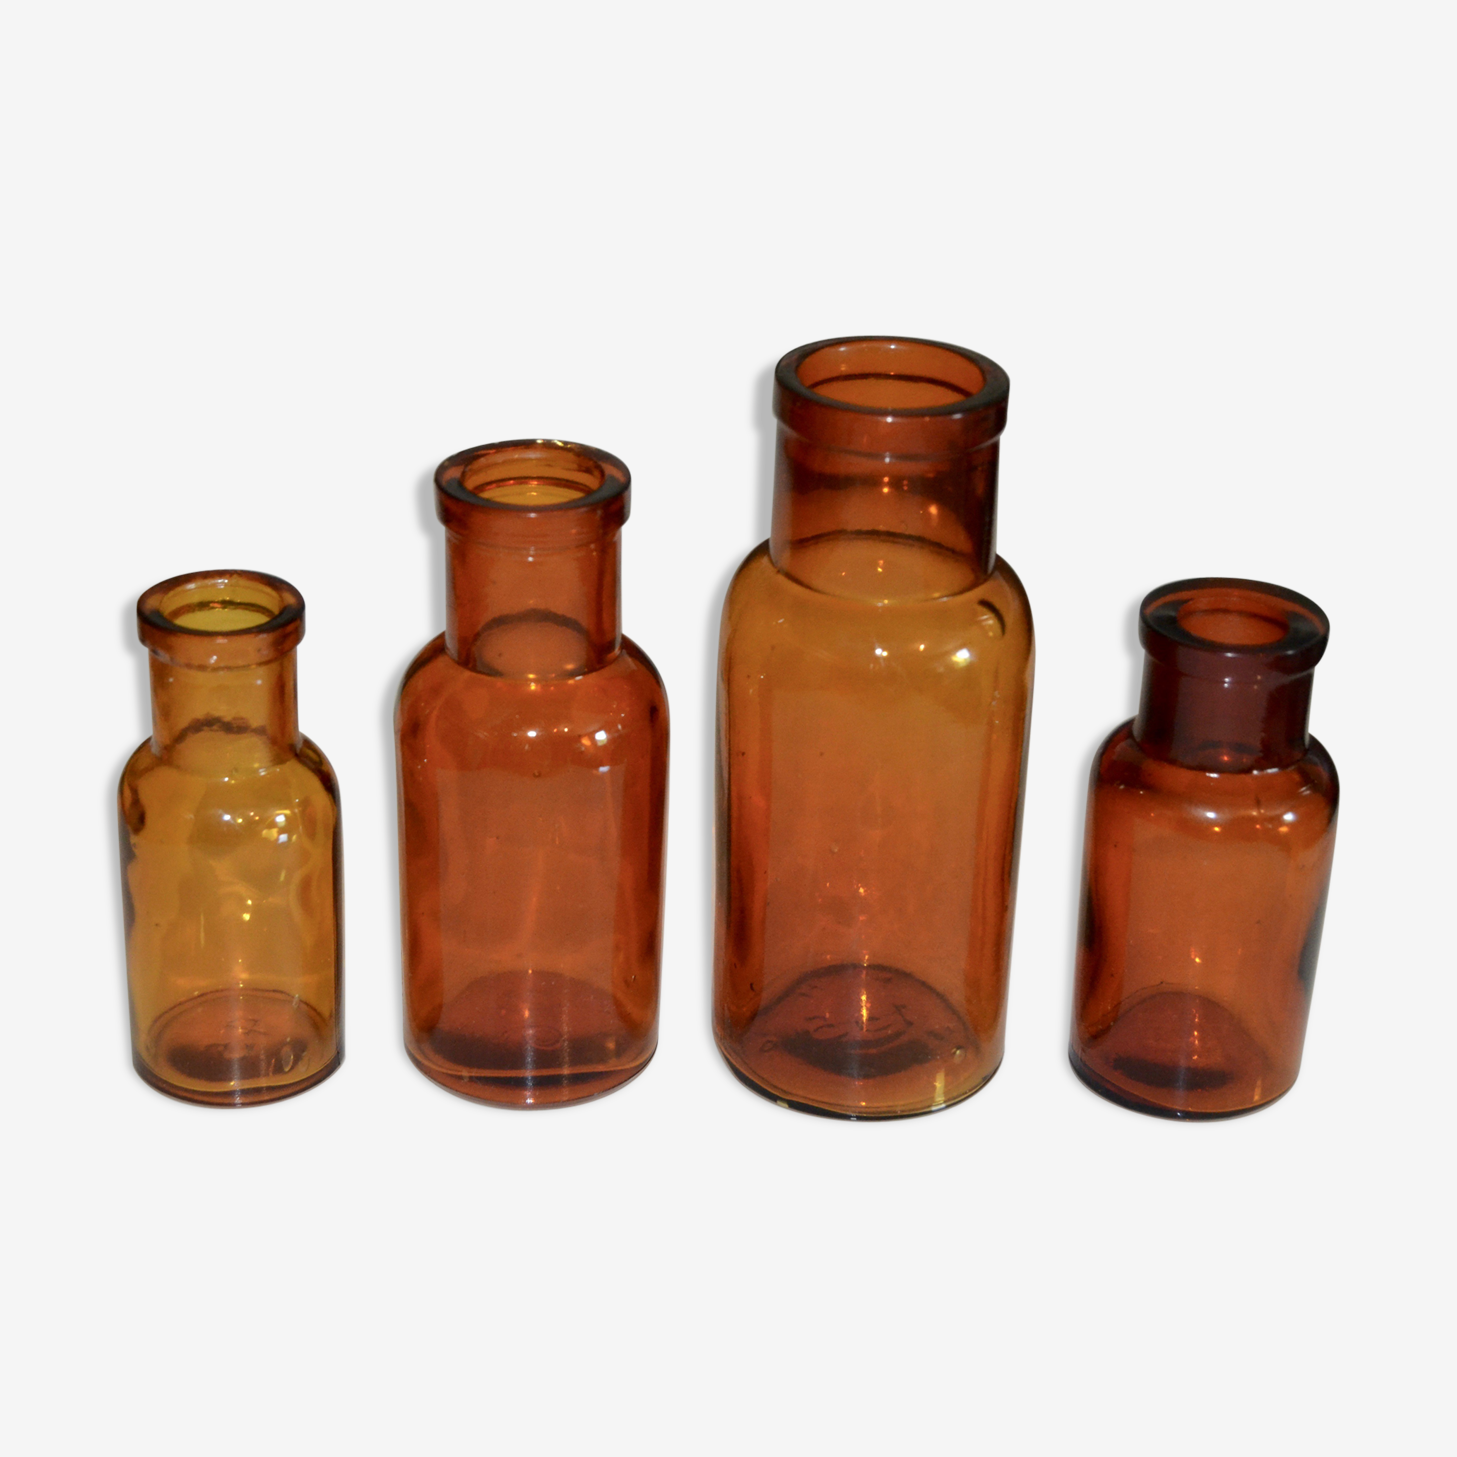 Suite de quatre vases soliflore flacons bouteilles d'apothicaire